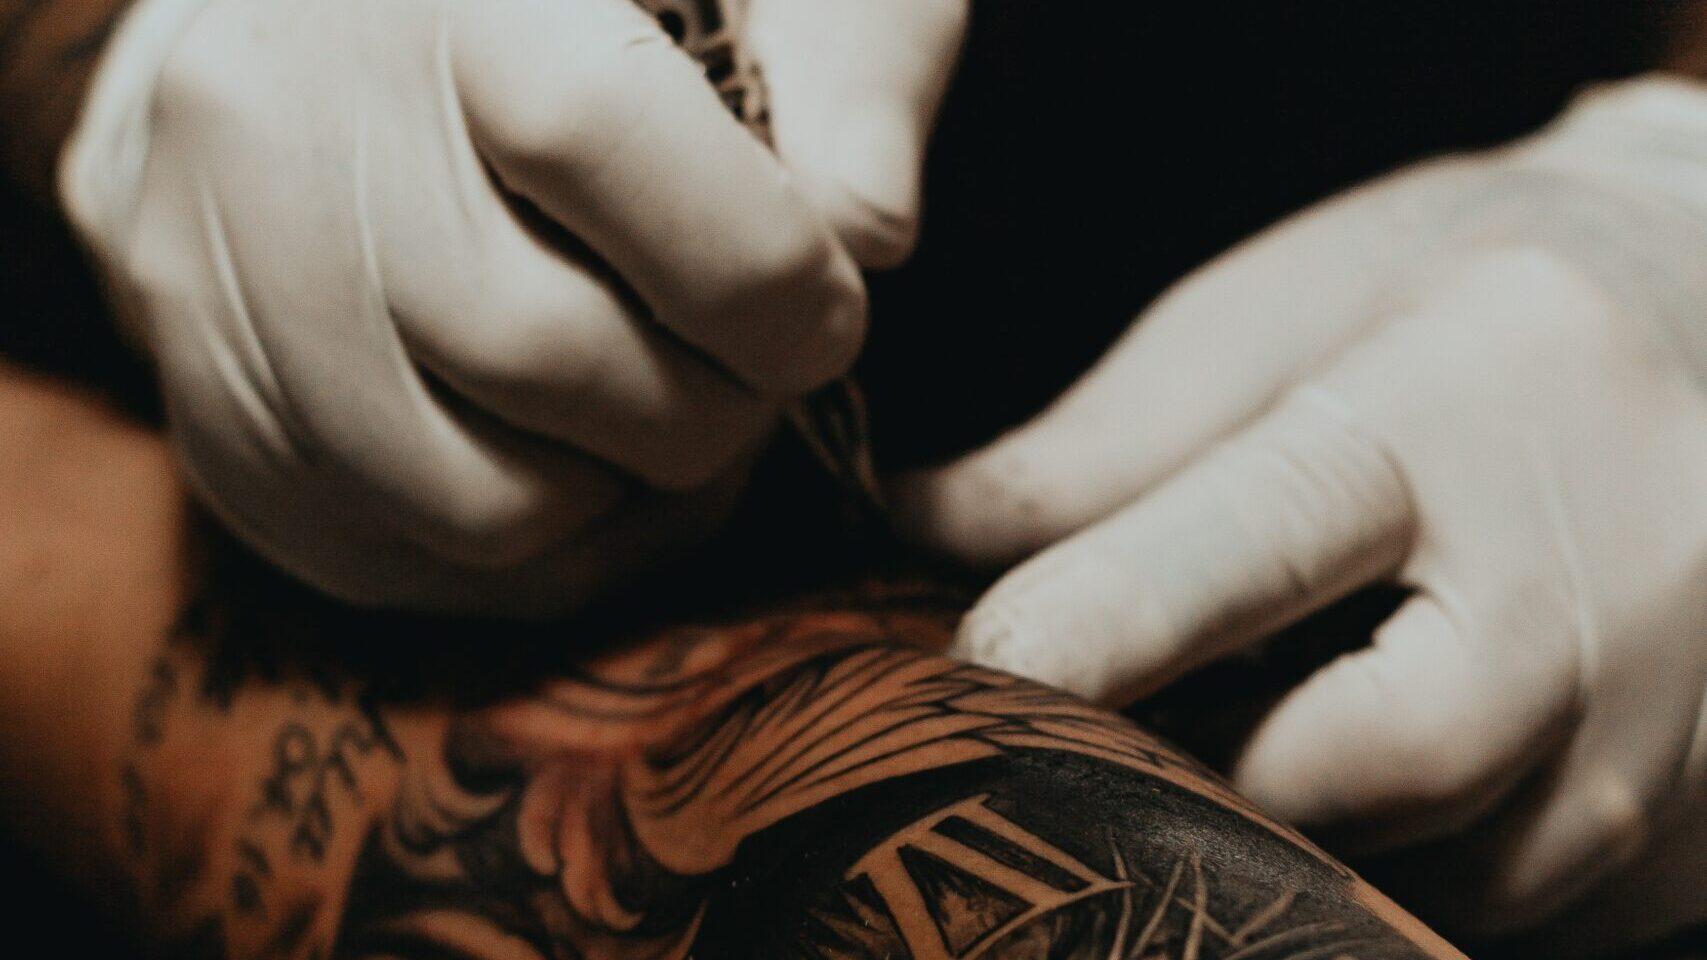 Los tatuajes de nuevo son aceptados